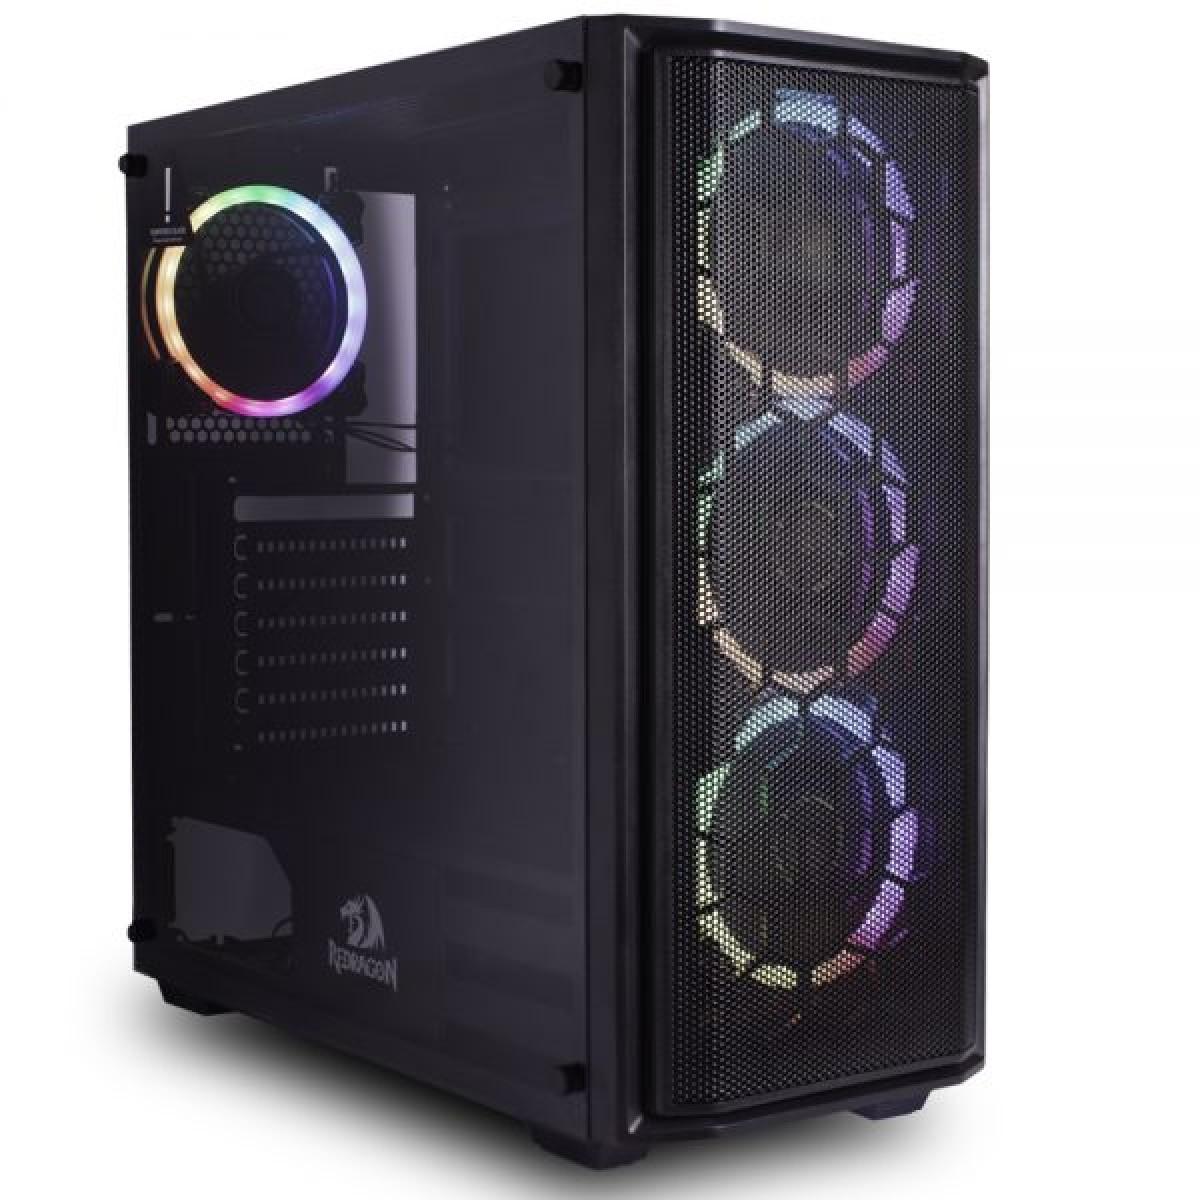 Pc Gamer Super Tera Edition AMD Ryzen 7 3700X / GeForce RTX 2070 / DDR4 8GB / HD 1TB / 600W